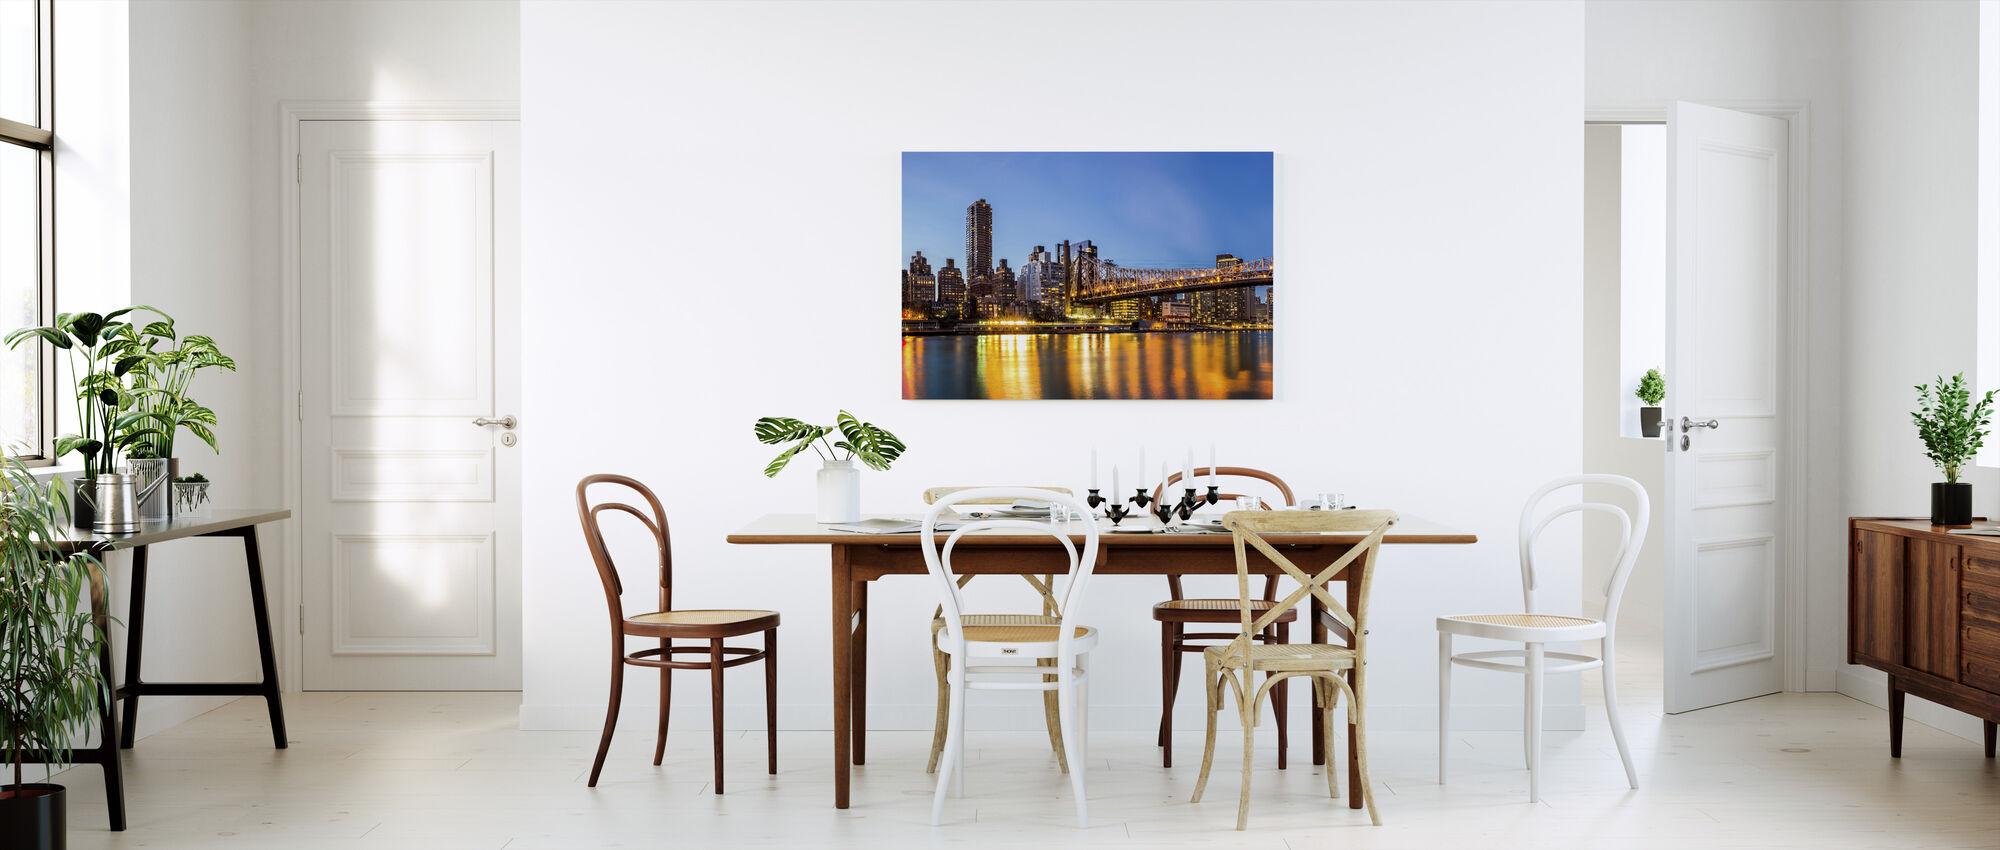 New York, New York - Billede på lærred - Køkken